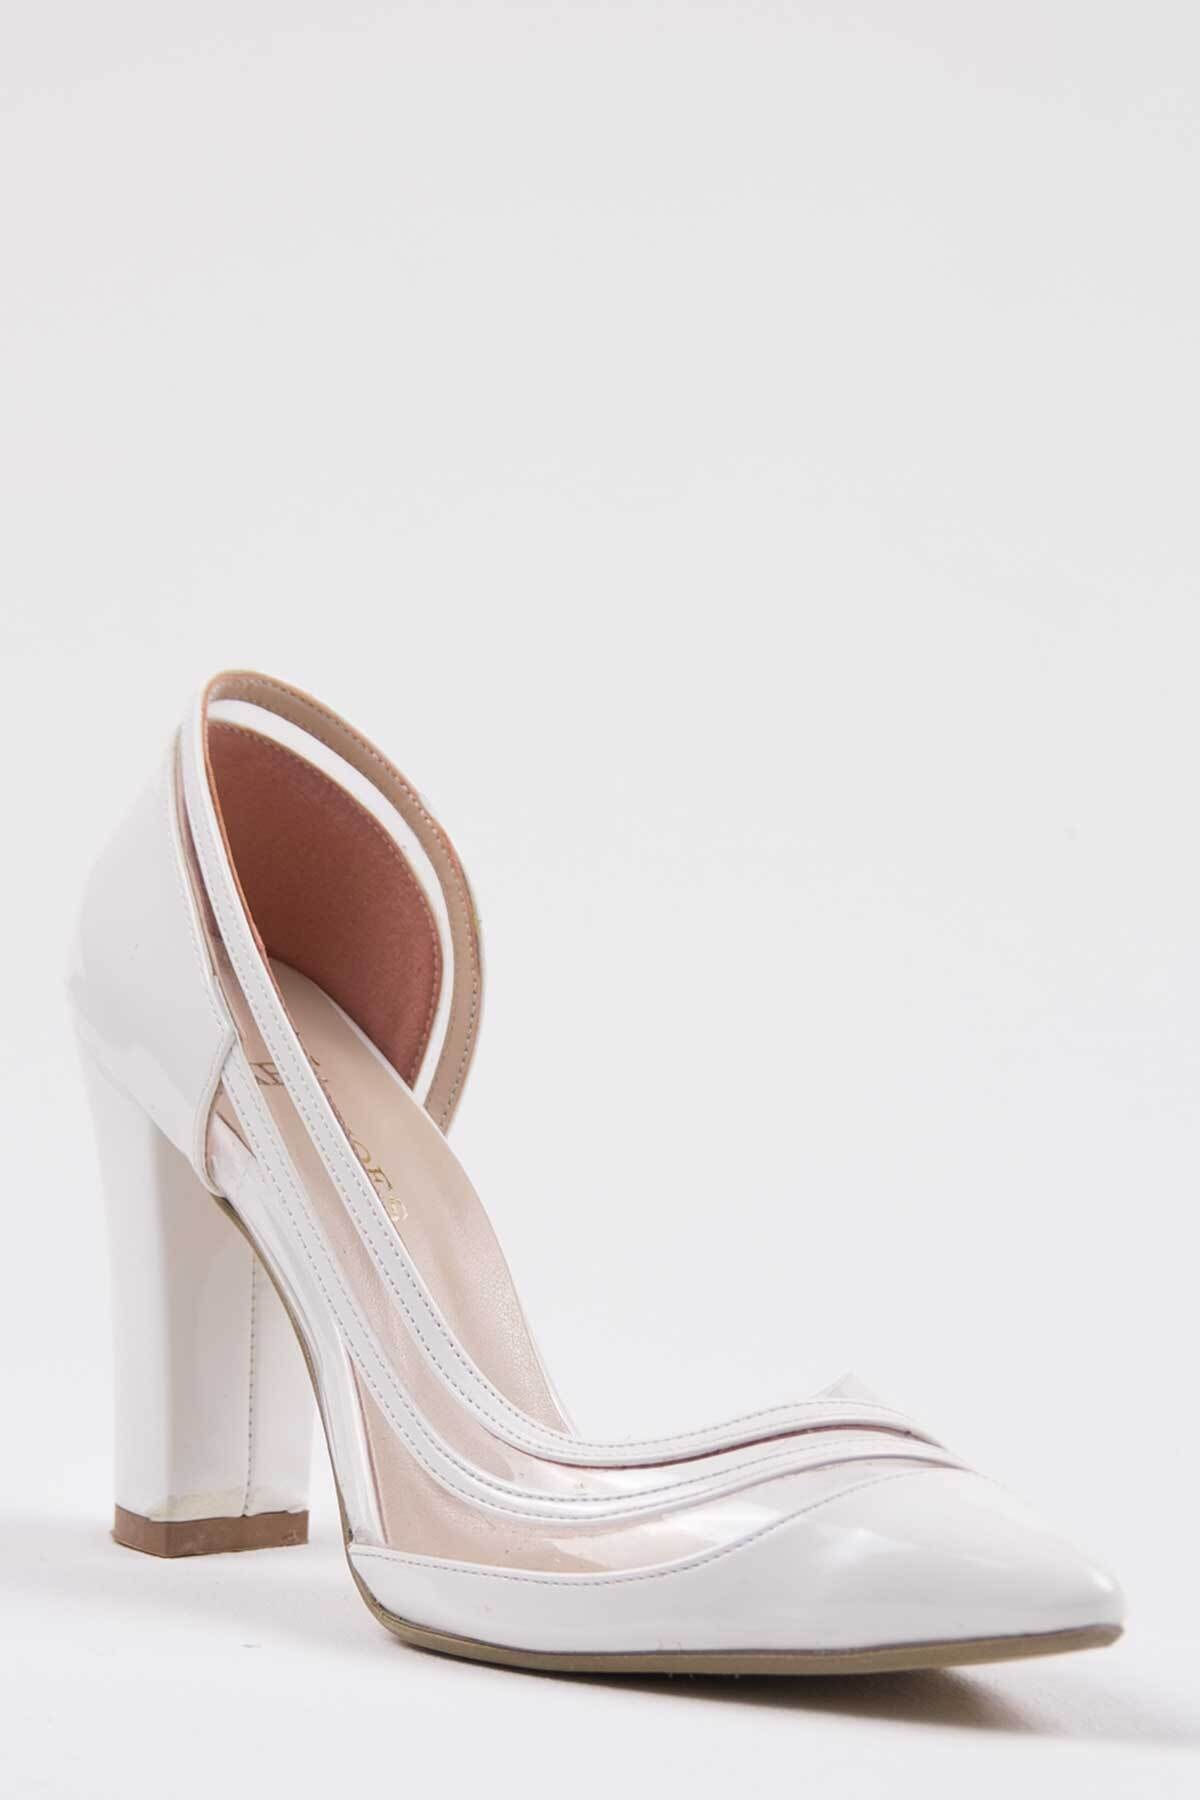 Oioi Beyaz Kadın Topuklu Ayakkabı 1010-119-0001_1003 2